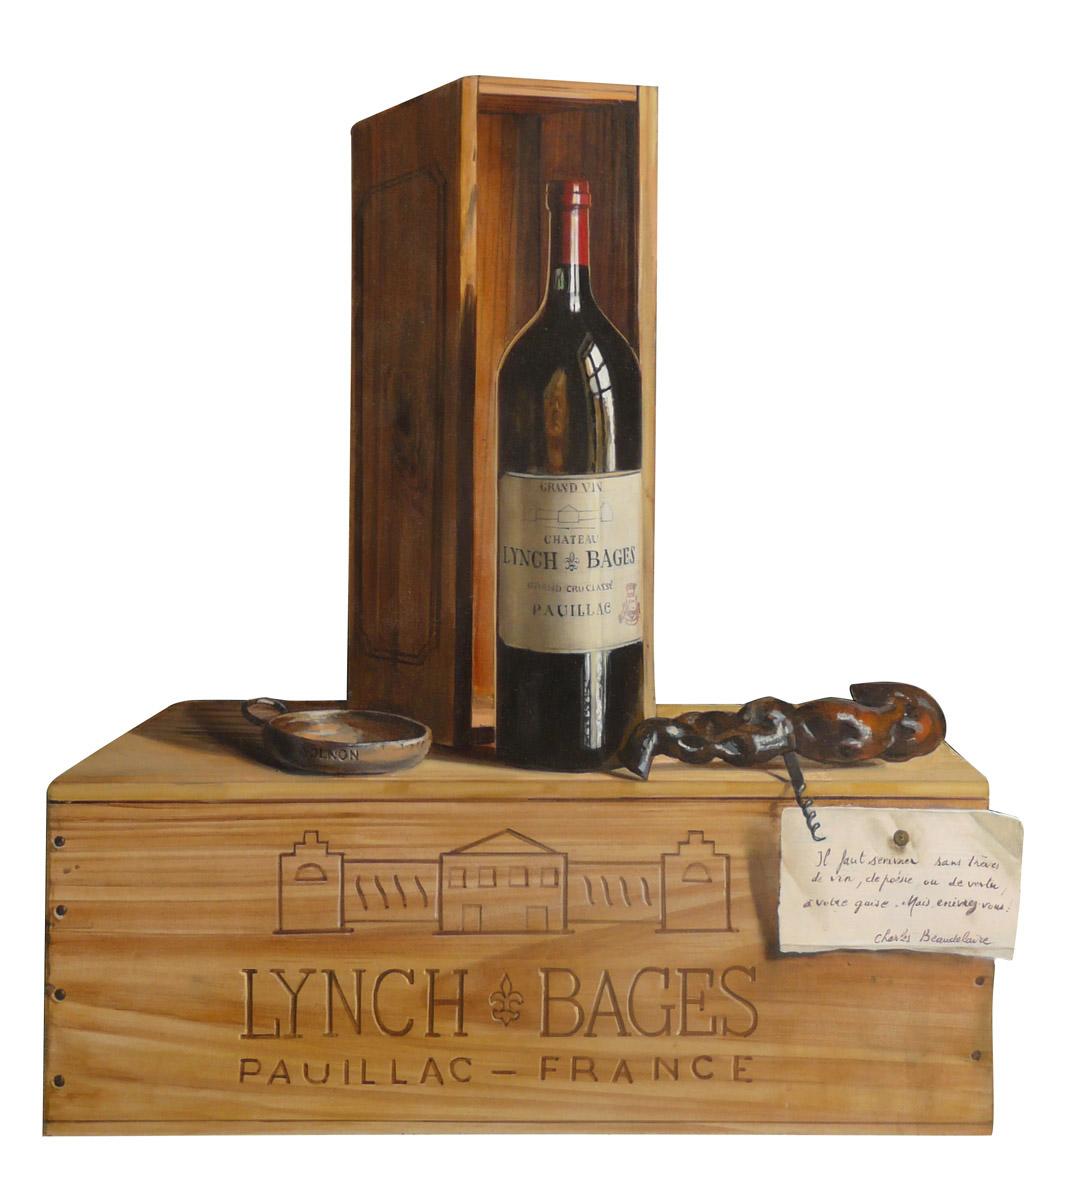 Lynch Bages - huile sur bois, 56 x 50 cm